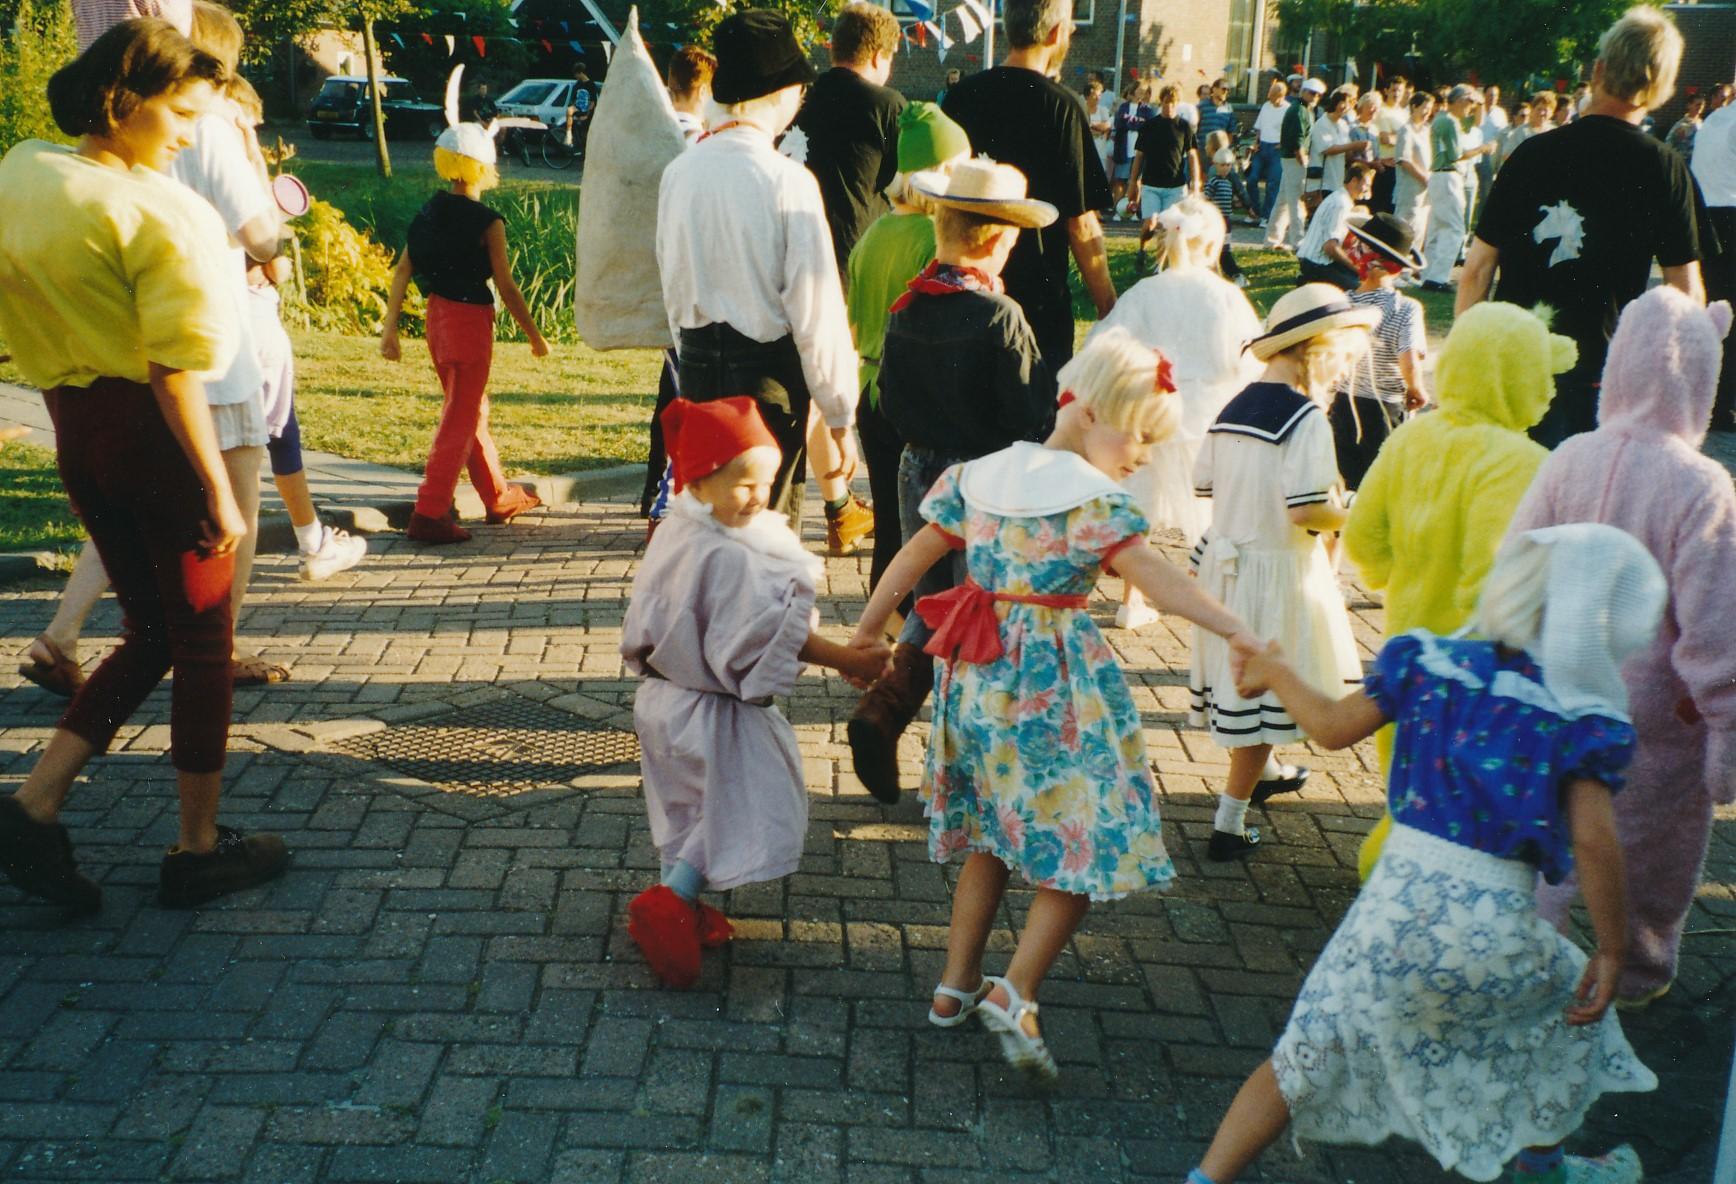 Fotoalbum Anneke Miedema, 006, Merke 1998, augustus, Sape en Jitkse, Amerins Brandenburgh